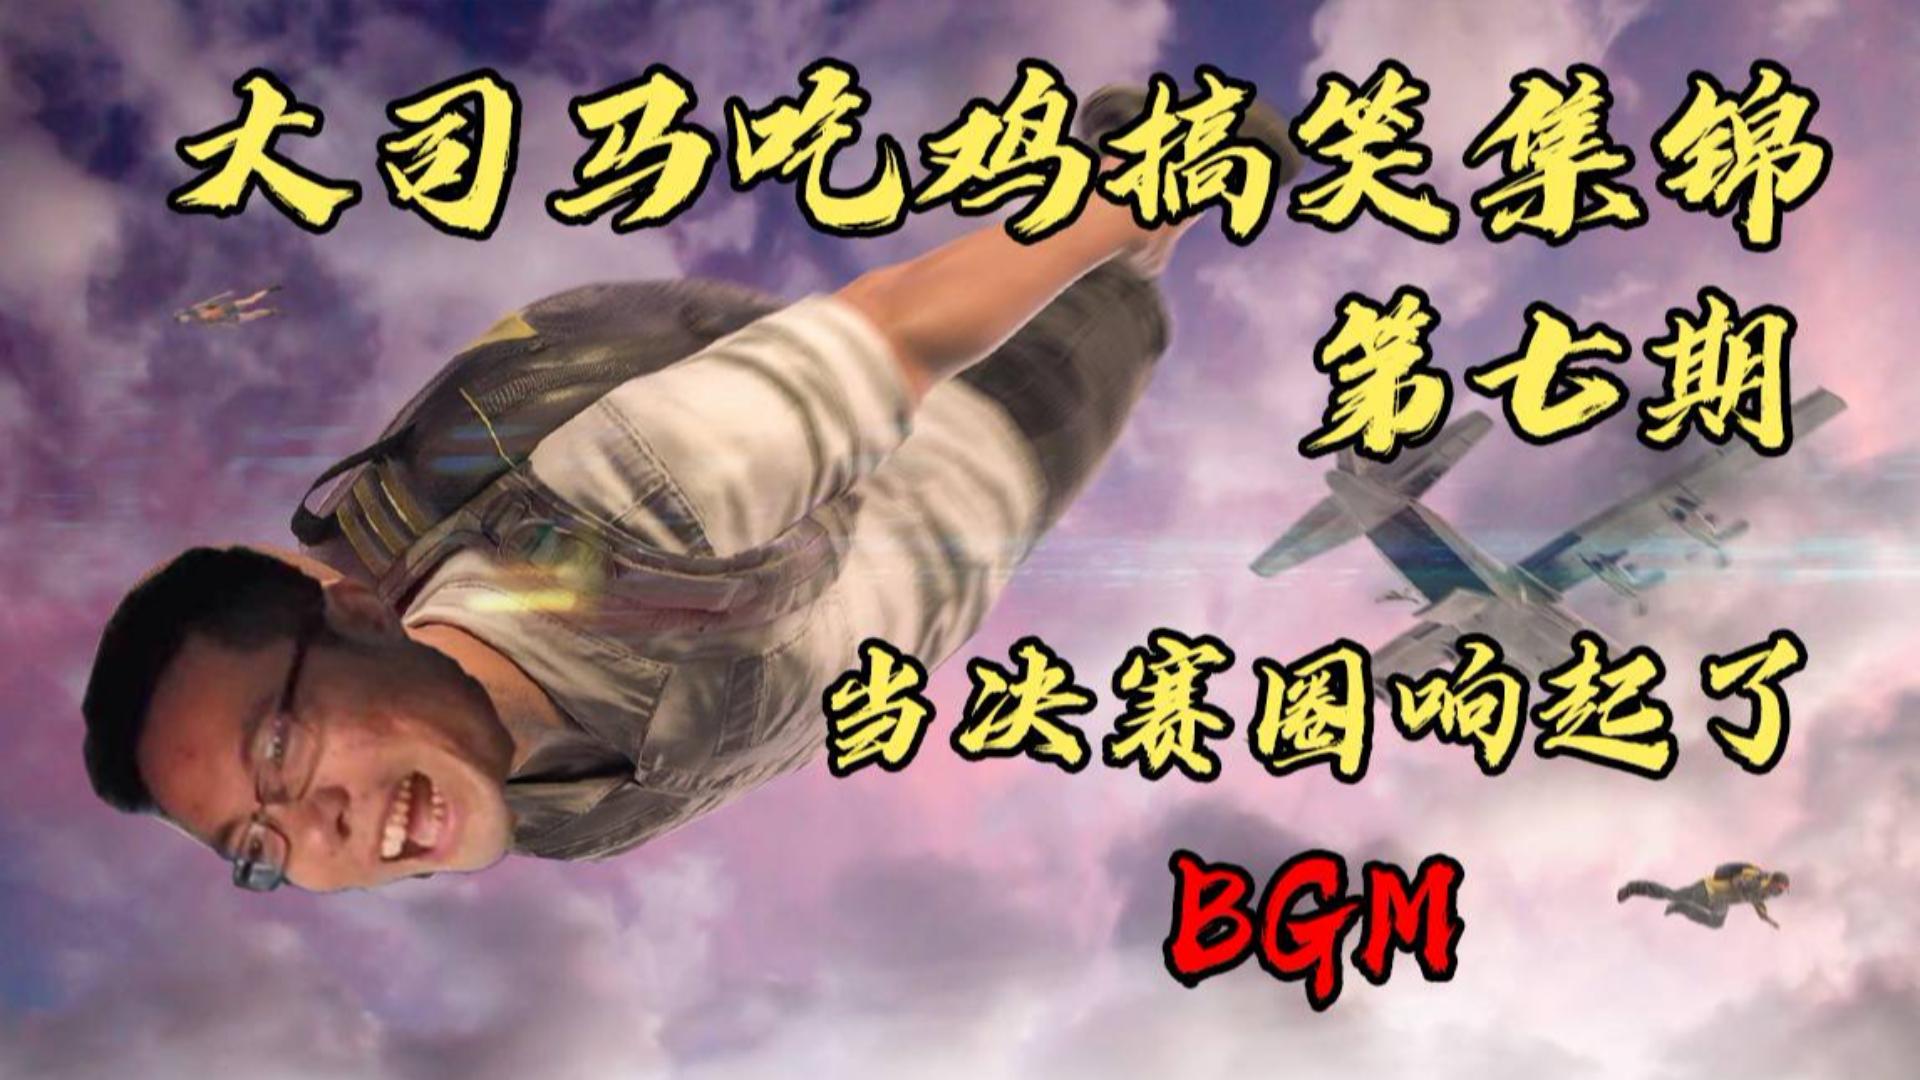 大司马吃鸡搞笑死亡集锦#7:当决赛圈响起了BGM!